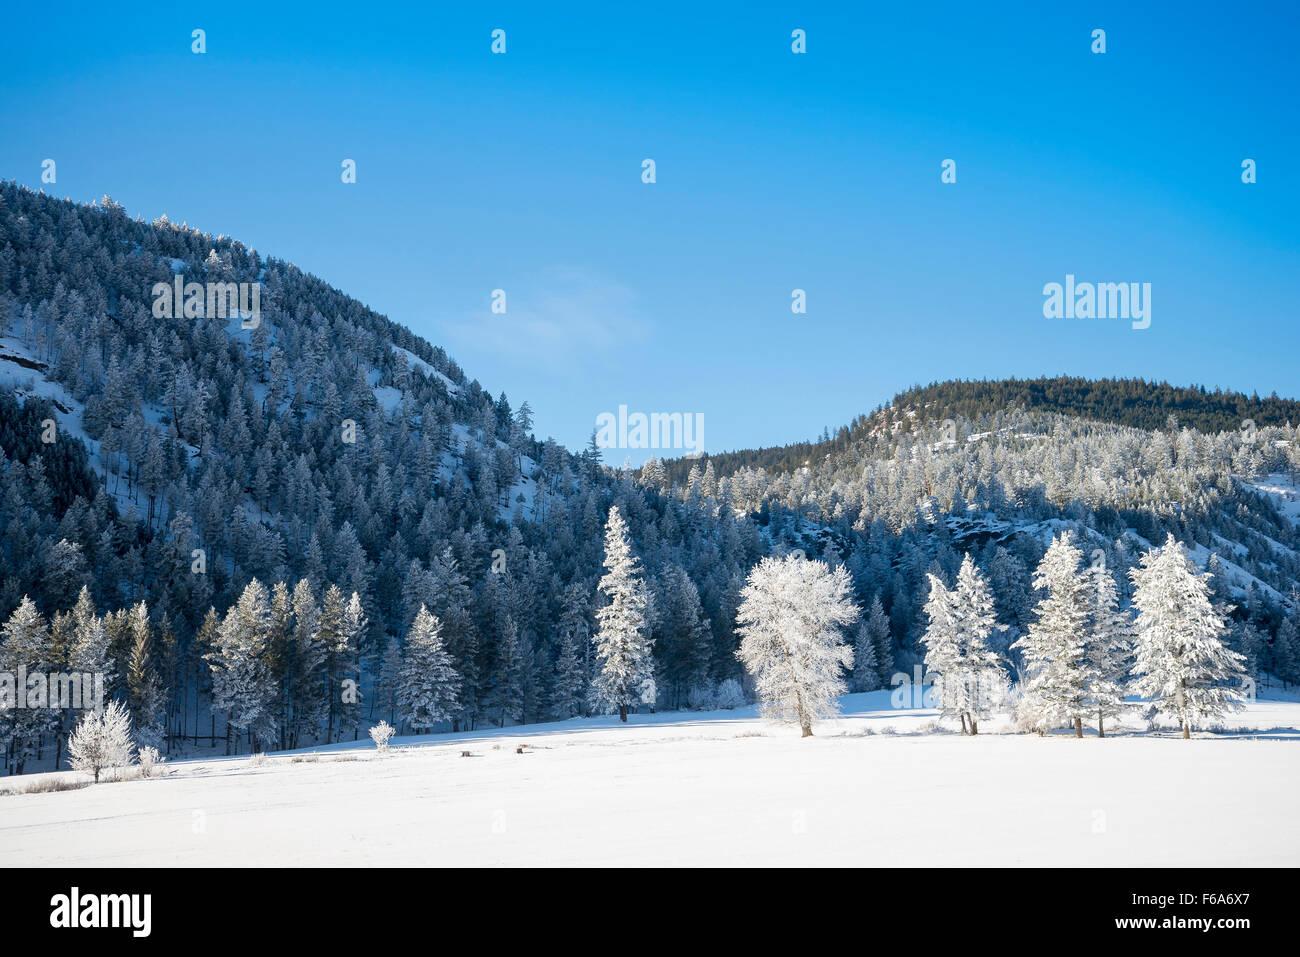 Winter scene near Cache Creek, British Columbia, Canada - Stock Image